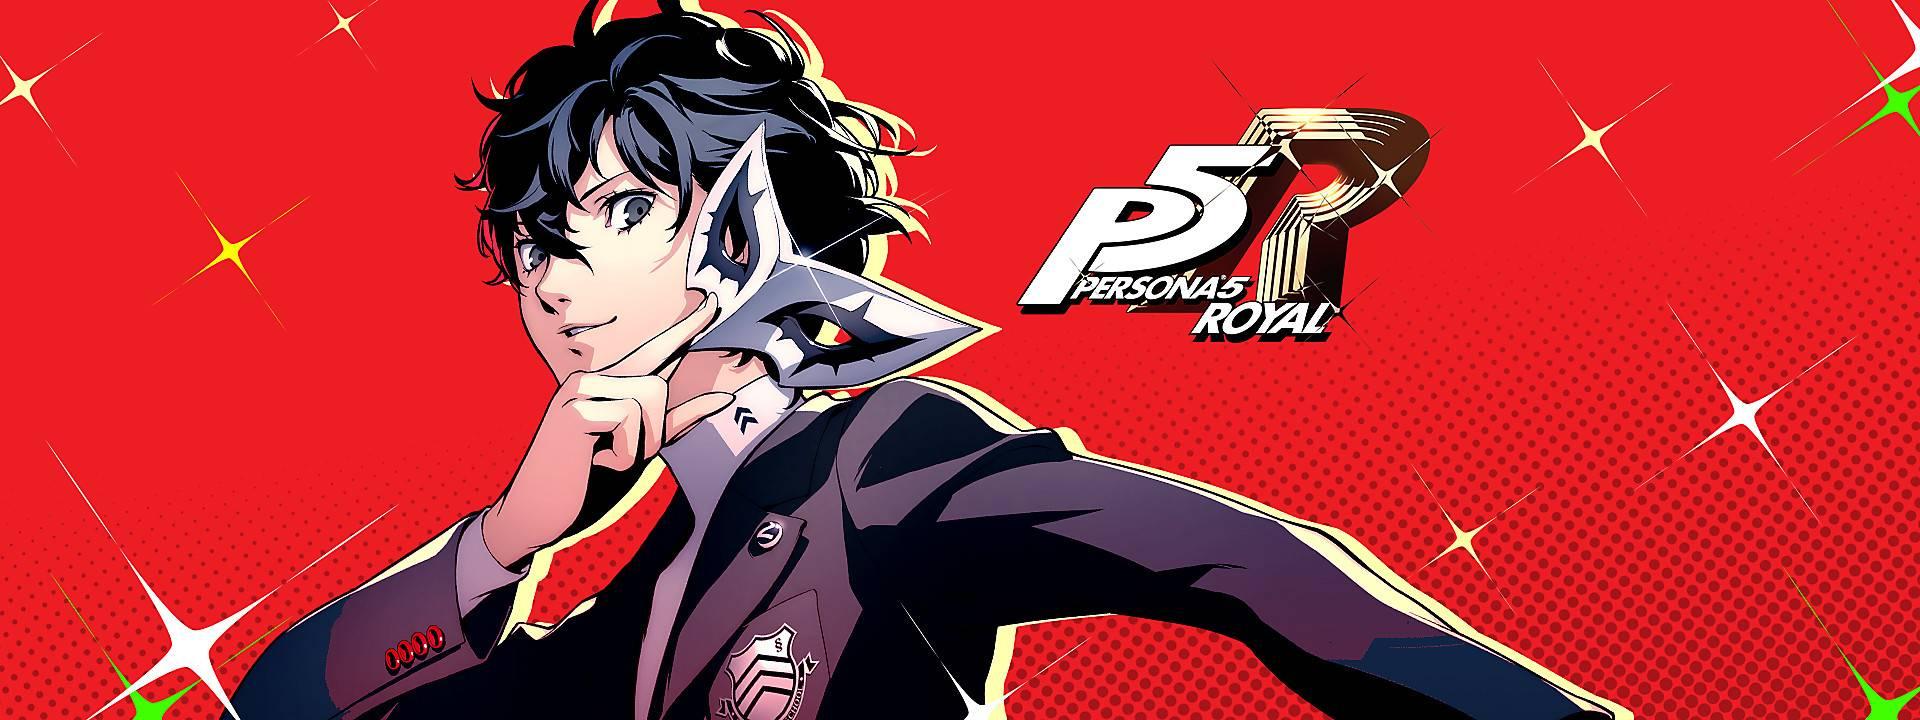 PlayStation 4 descuentos